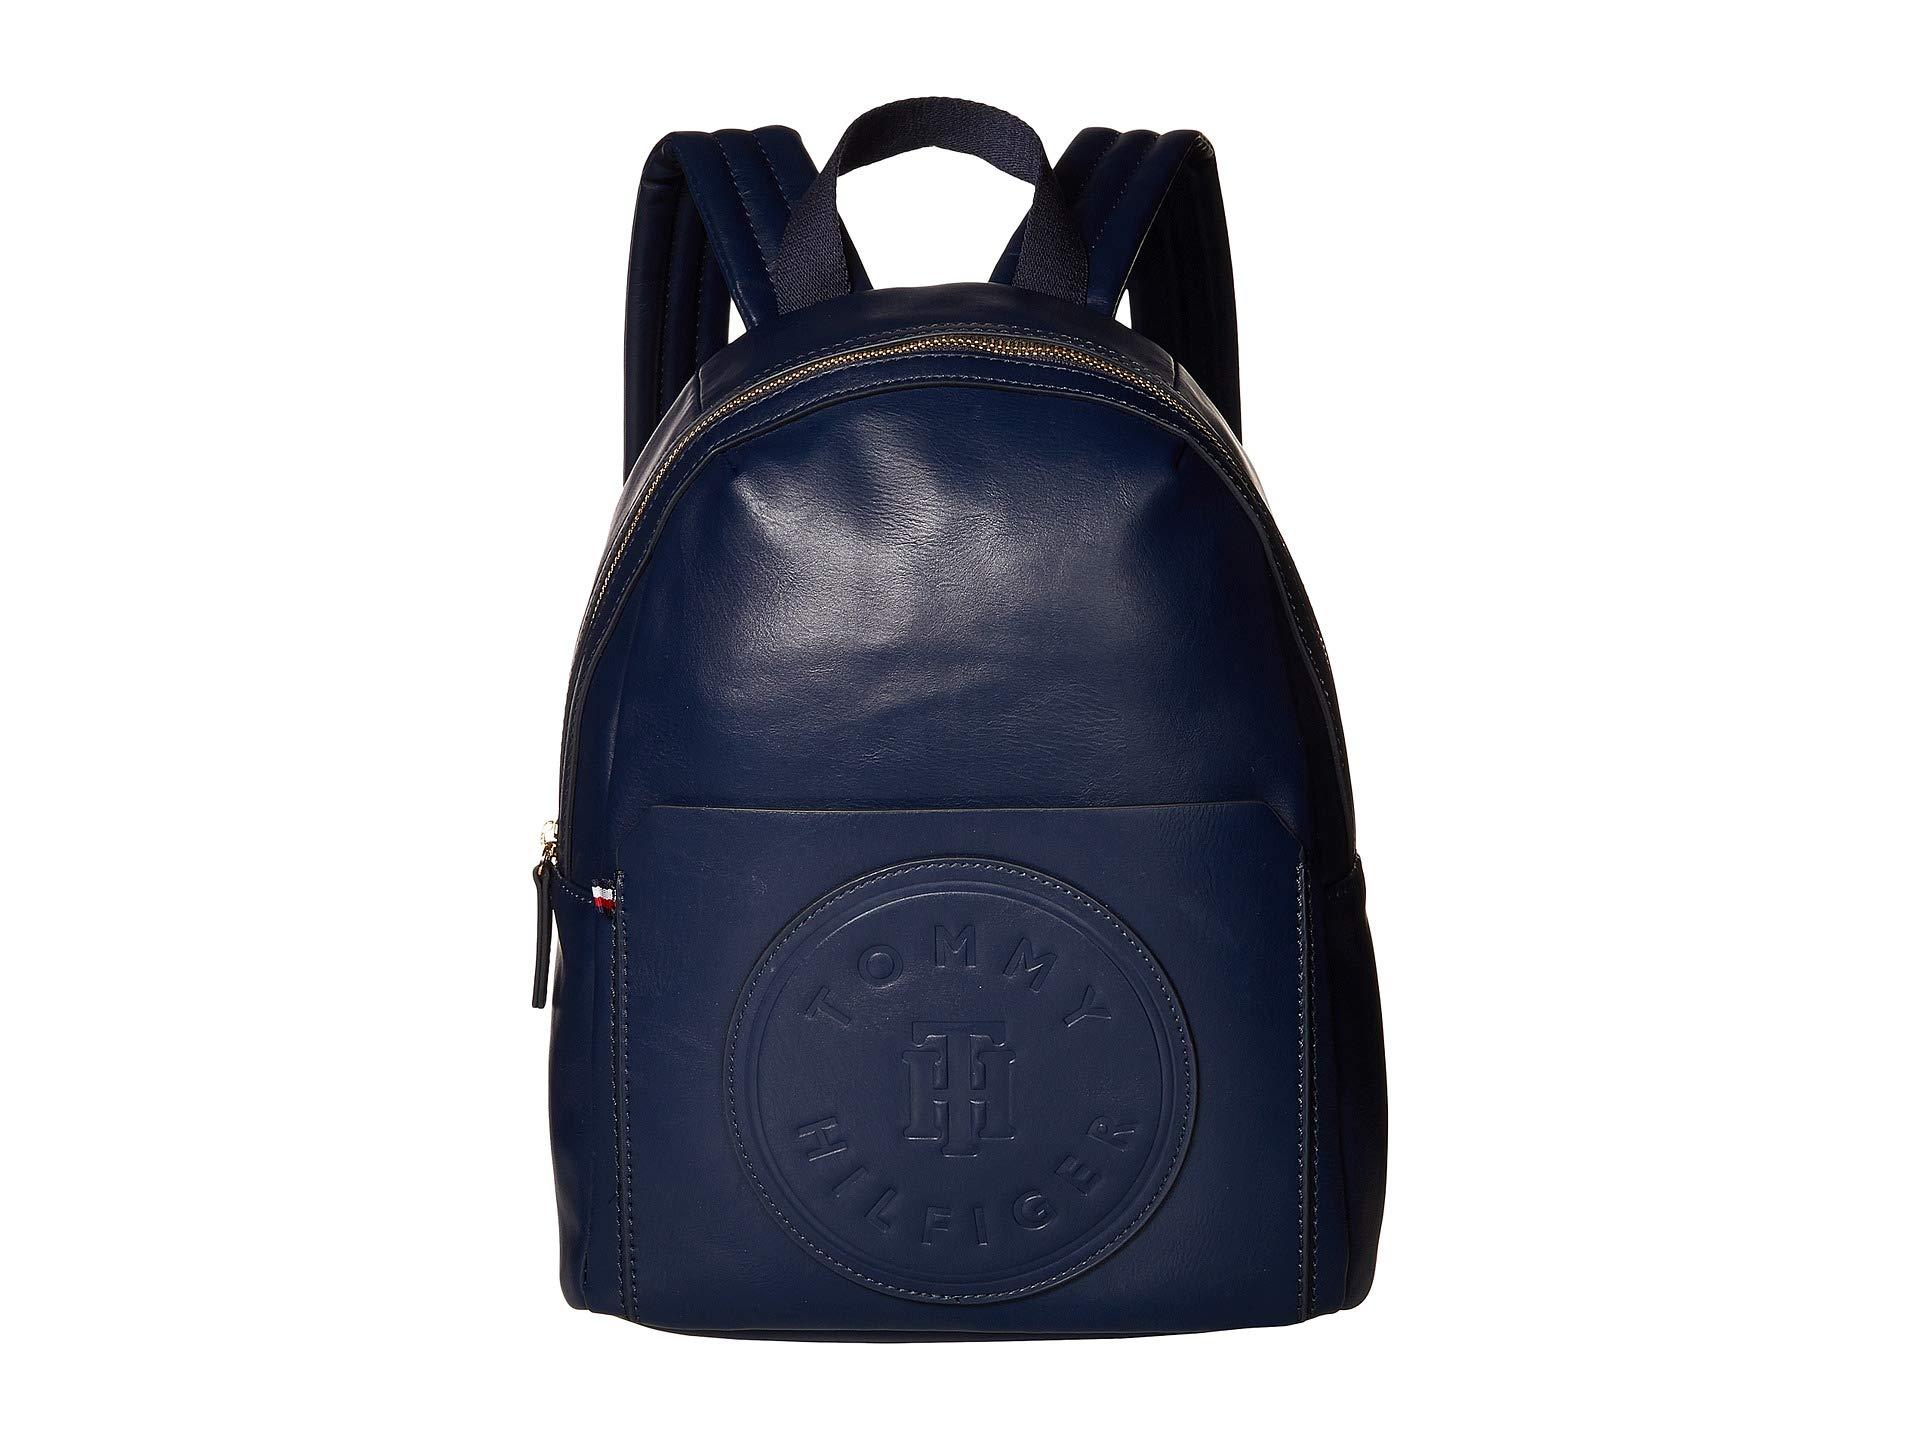 Tommy Hilfiger Tommy Hilfiger Virden Dome Backpack